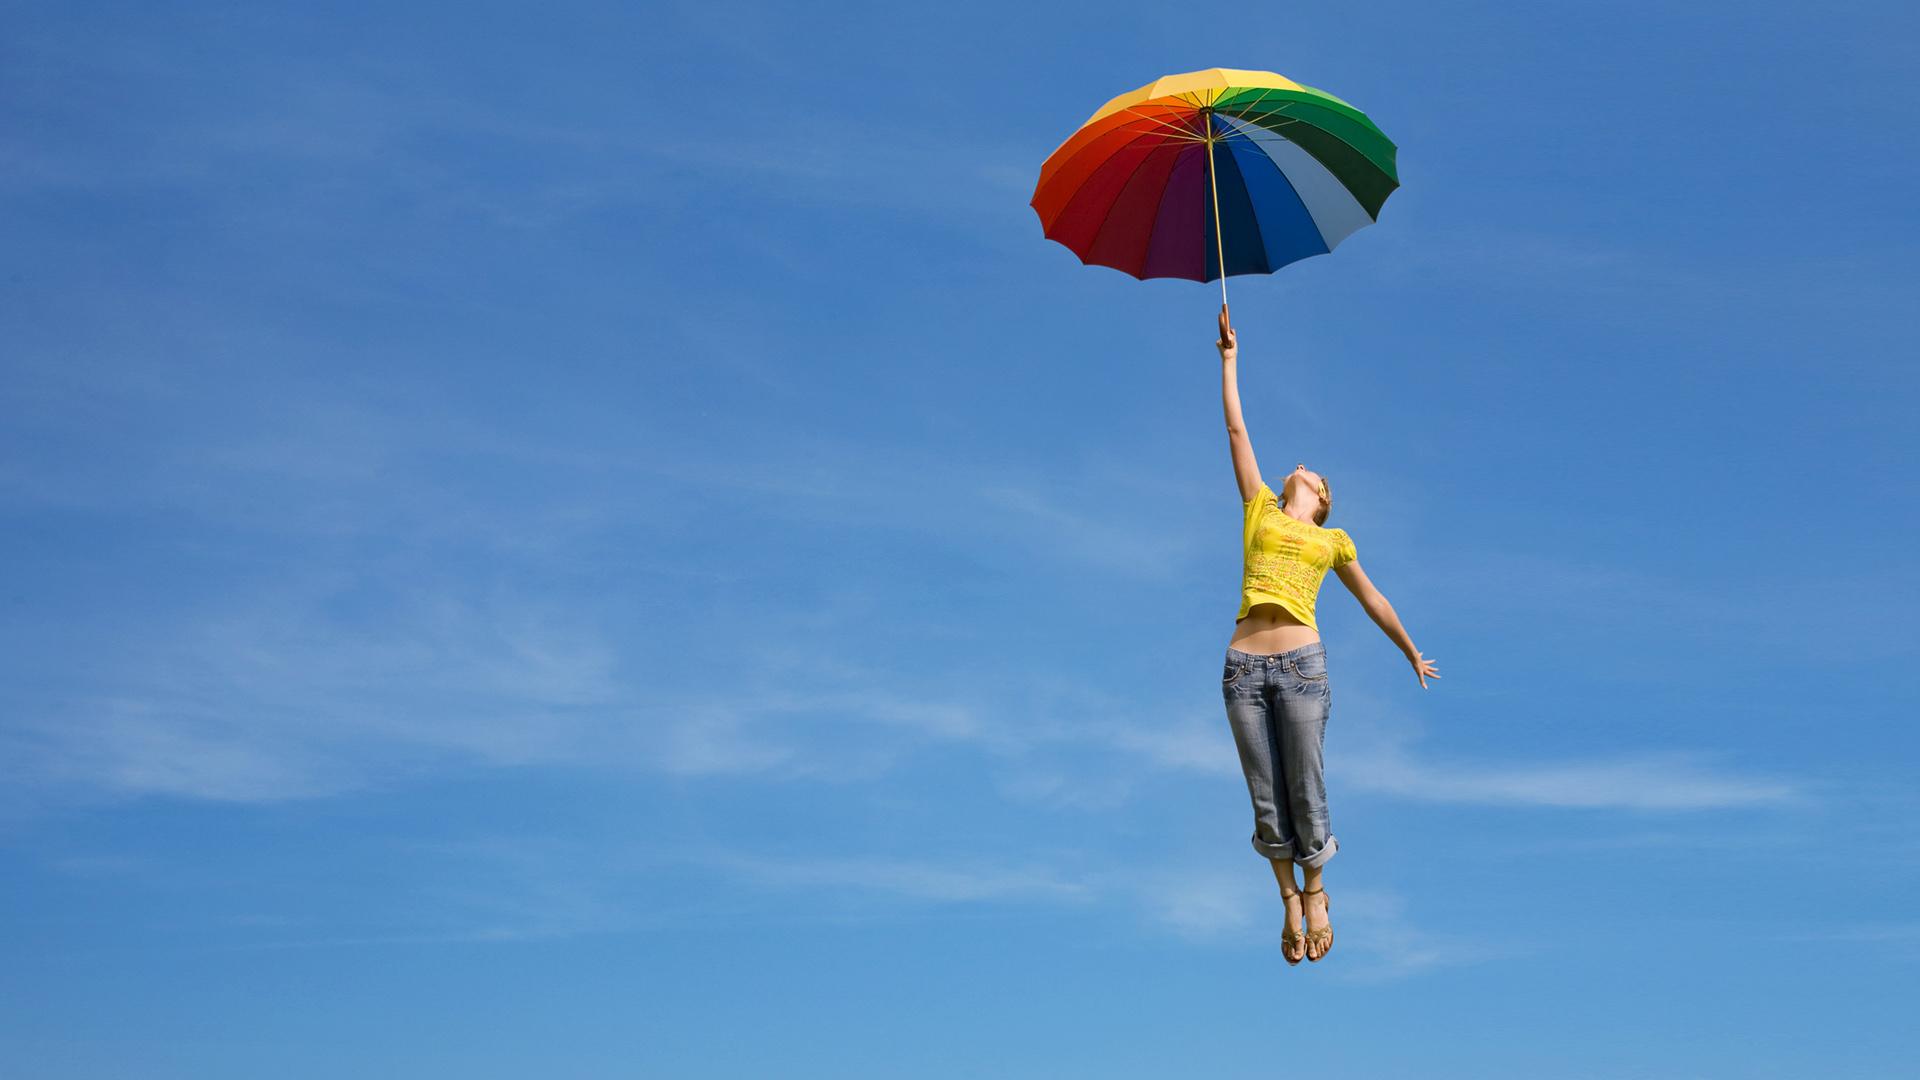 女孩撑着伞飞行天空非主流ppt背景图片下载